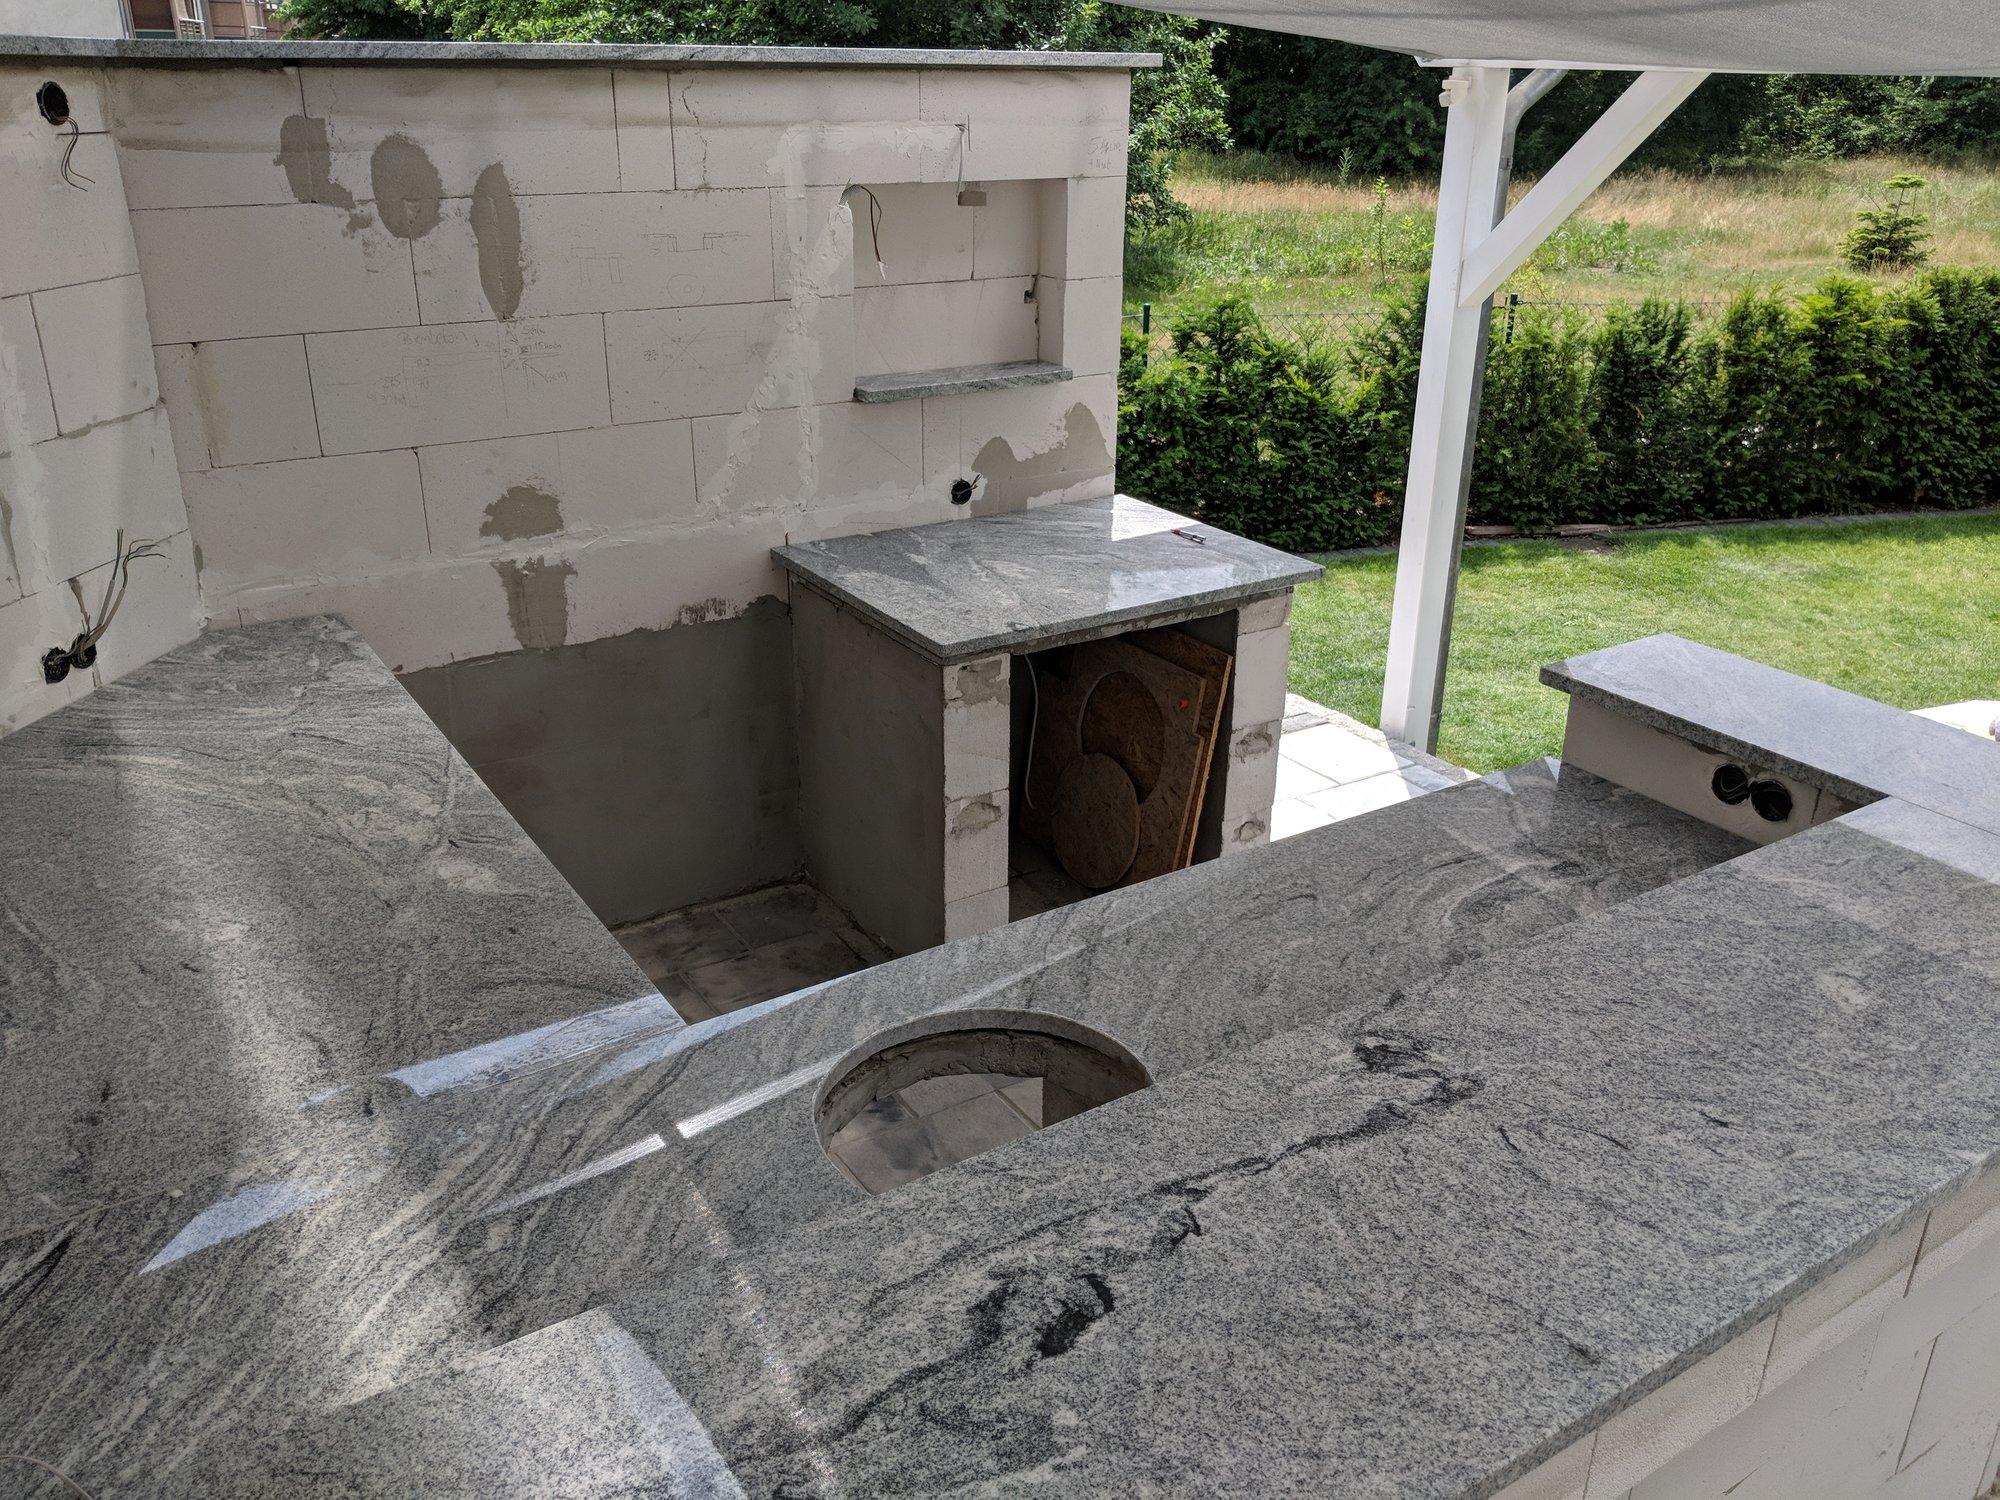 Outdoorküche Aus Stein : Outdoor küche günstig kaufen outdoorküche wetterfest stein grill